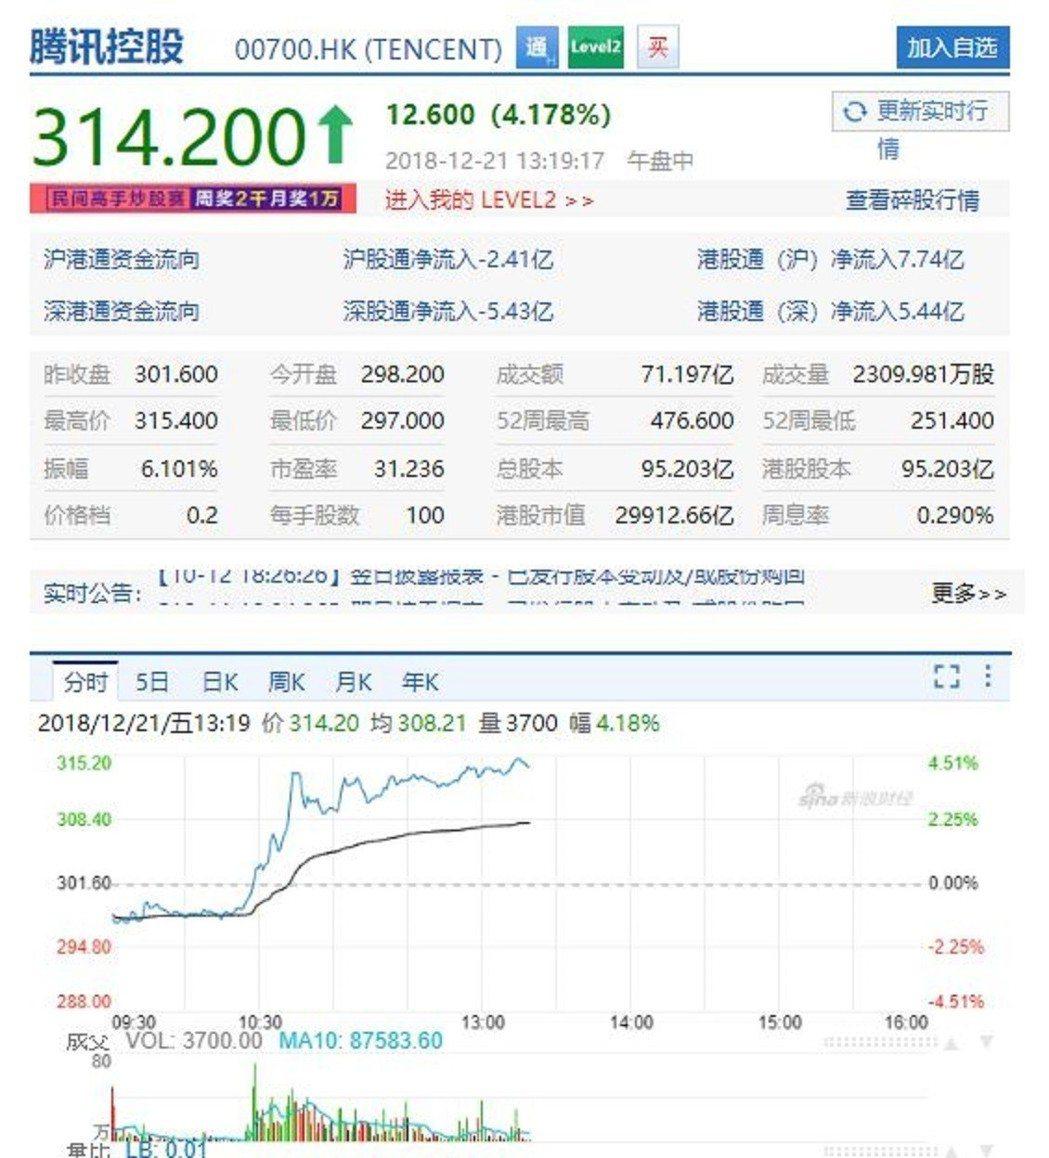 騰訊控股股價走勢。新浪港股